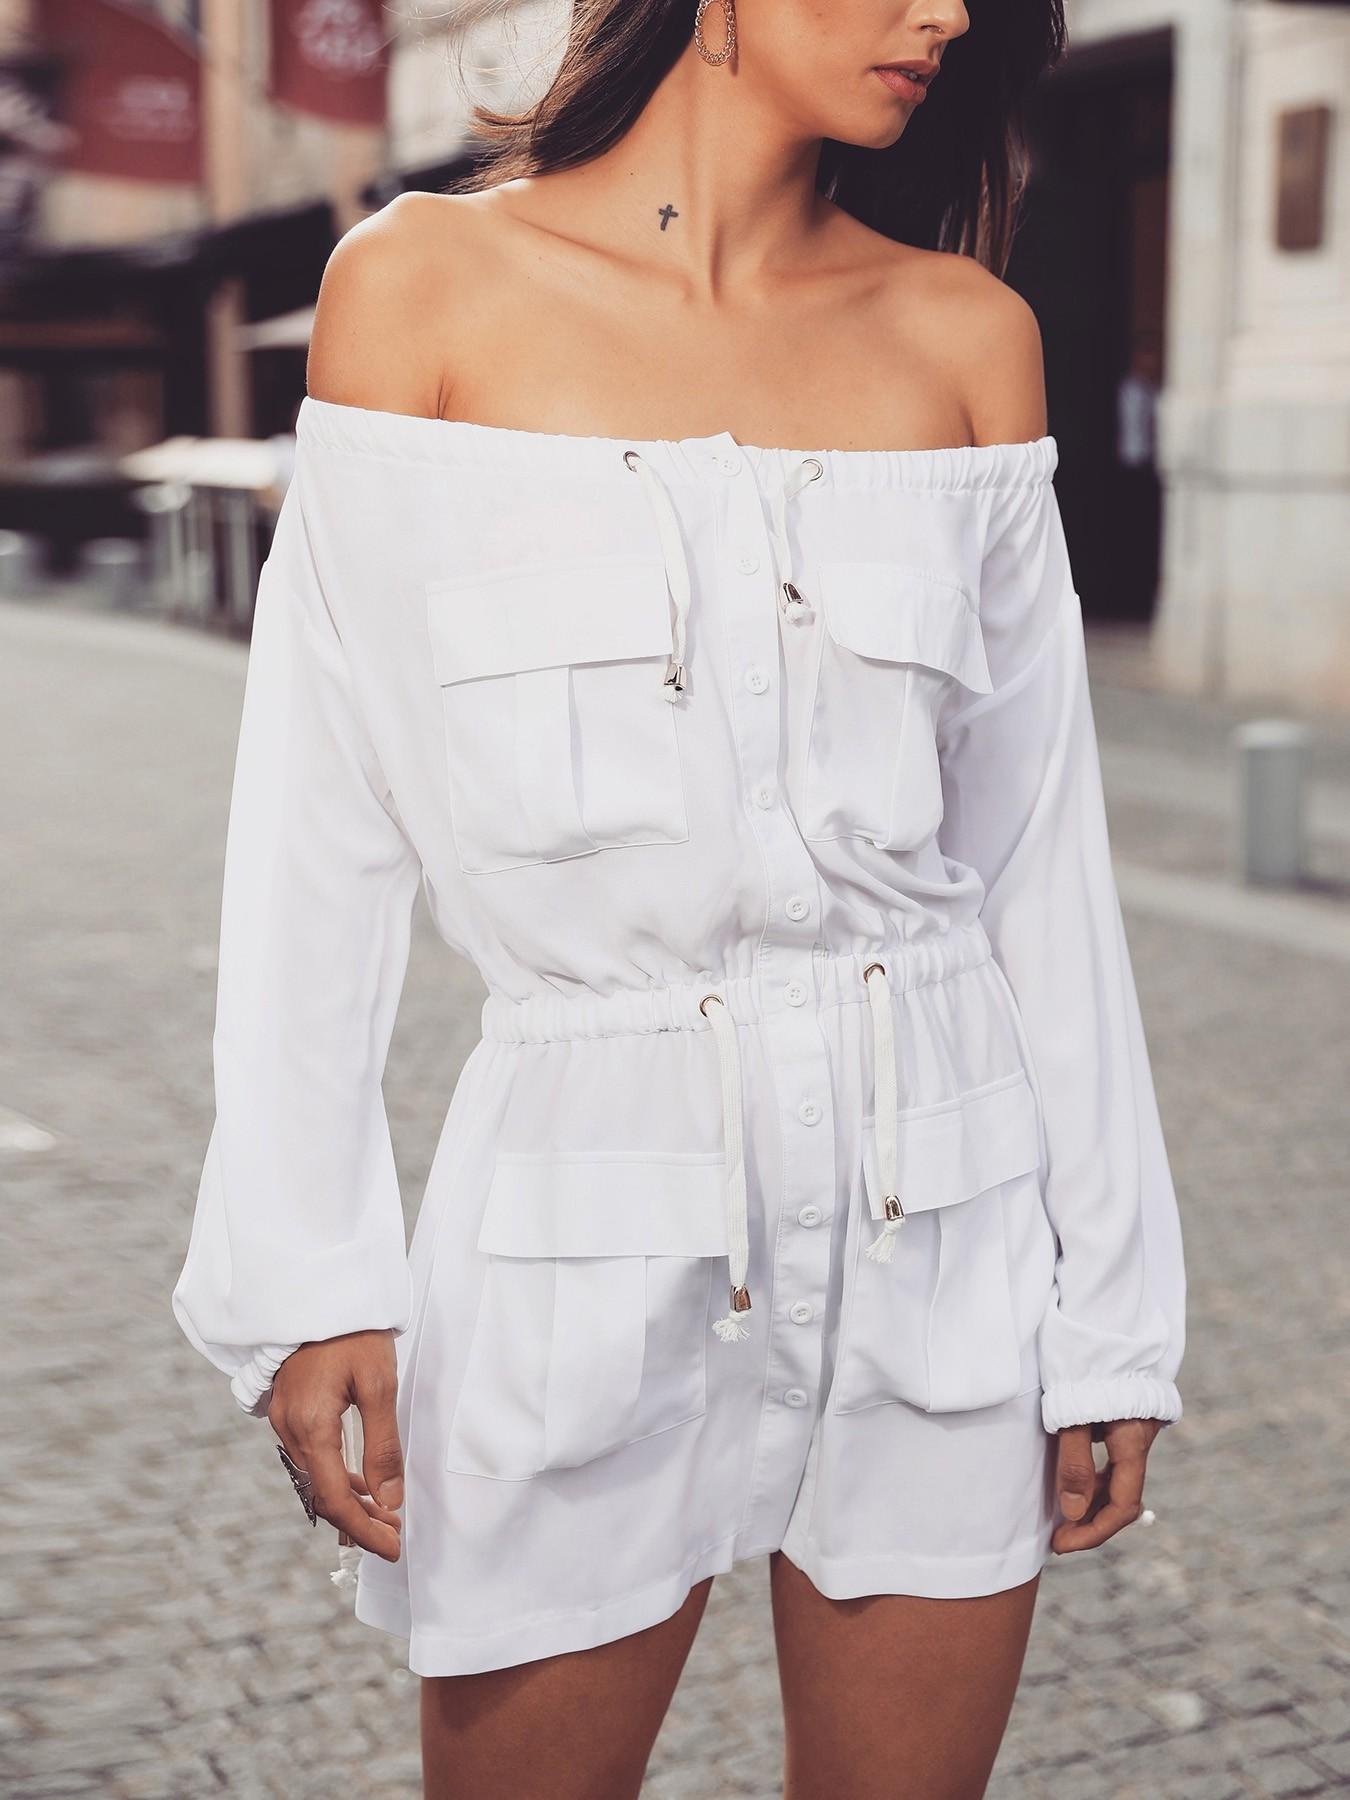 boutiquefeel / Off Shoulder Drawstring Pocket Design Casual Dress